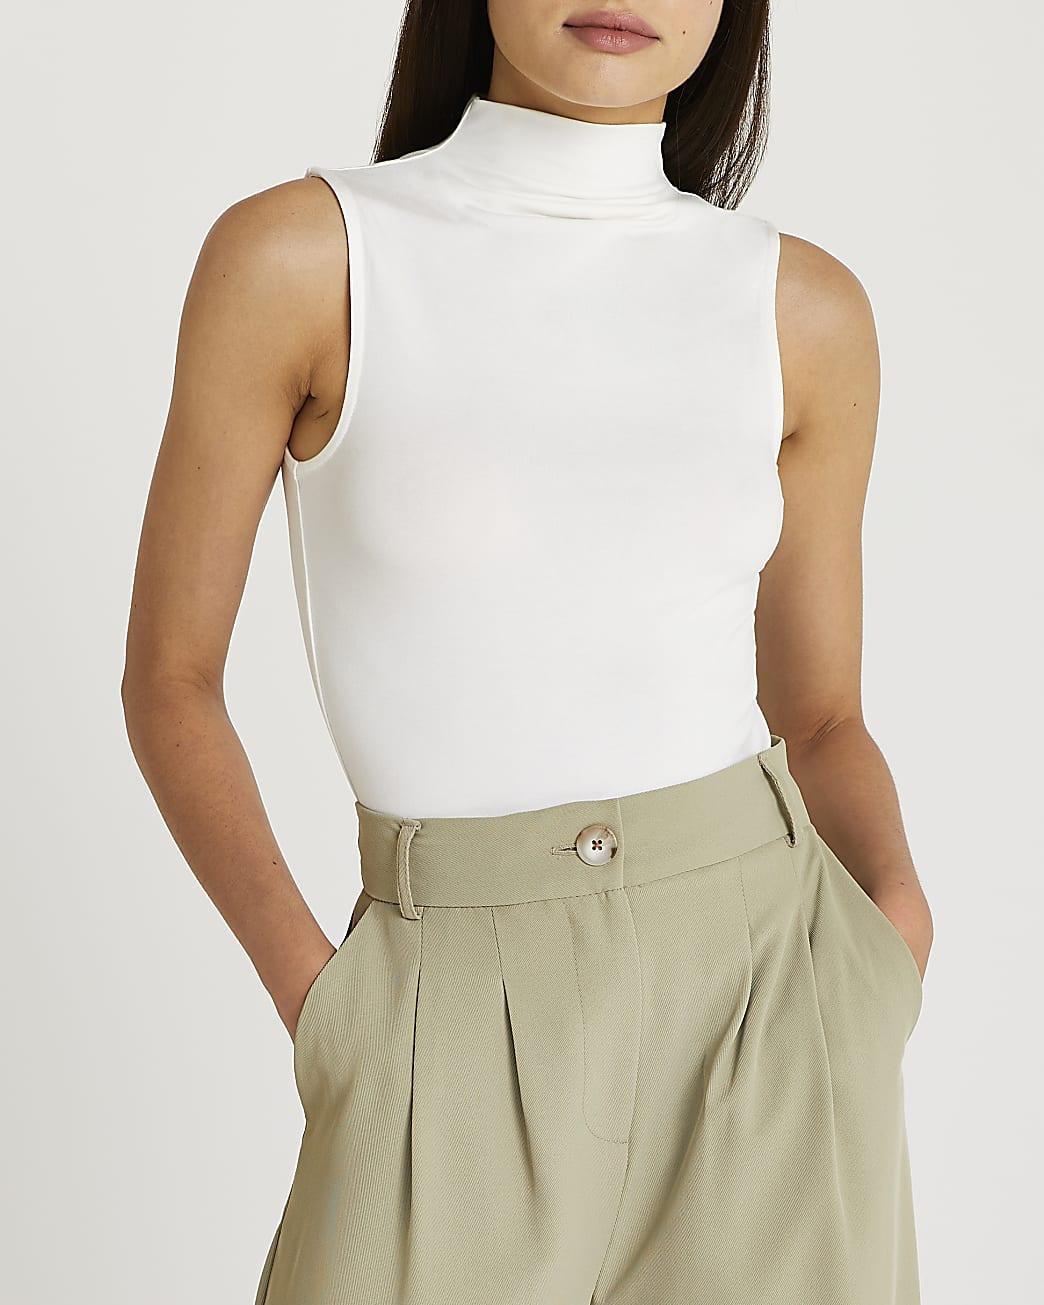 White high neck top